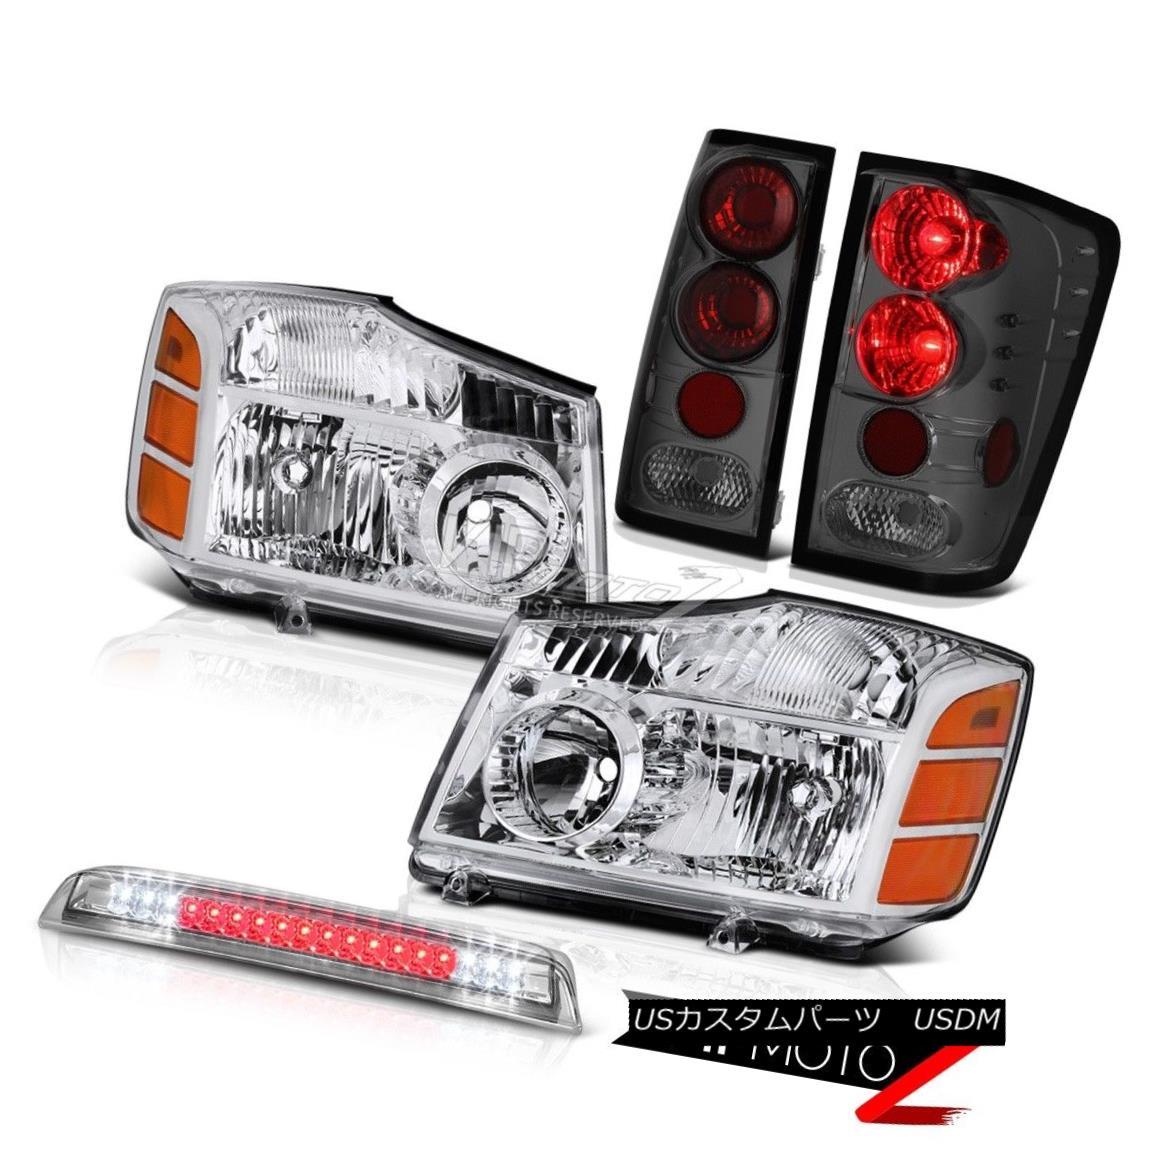 テールライト Chrome Headlights Tinted Tail Light Roof Third Brake LED For 2004-2015 Titan SE クロームヘッドライトタイタンテールライトルーフサードブレーキLED 2004-2015タイタンSE